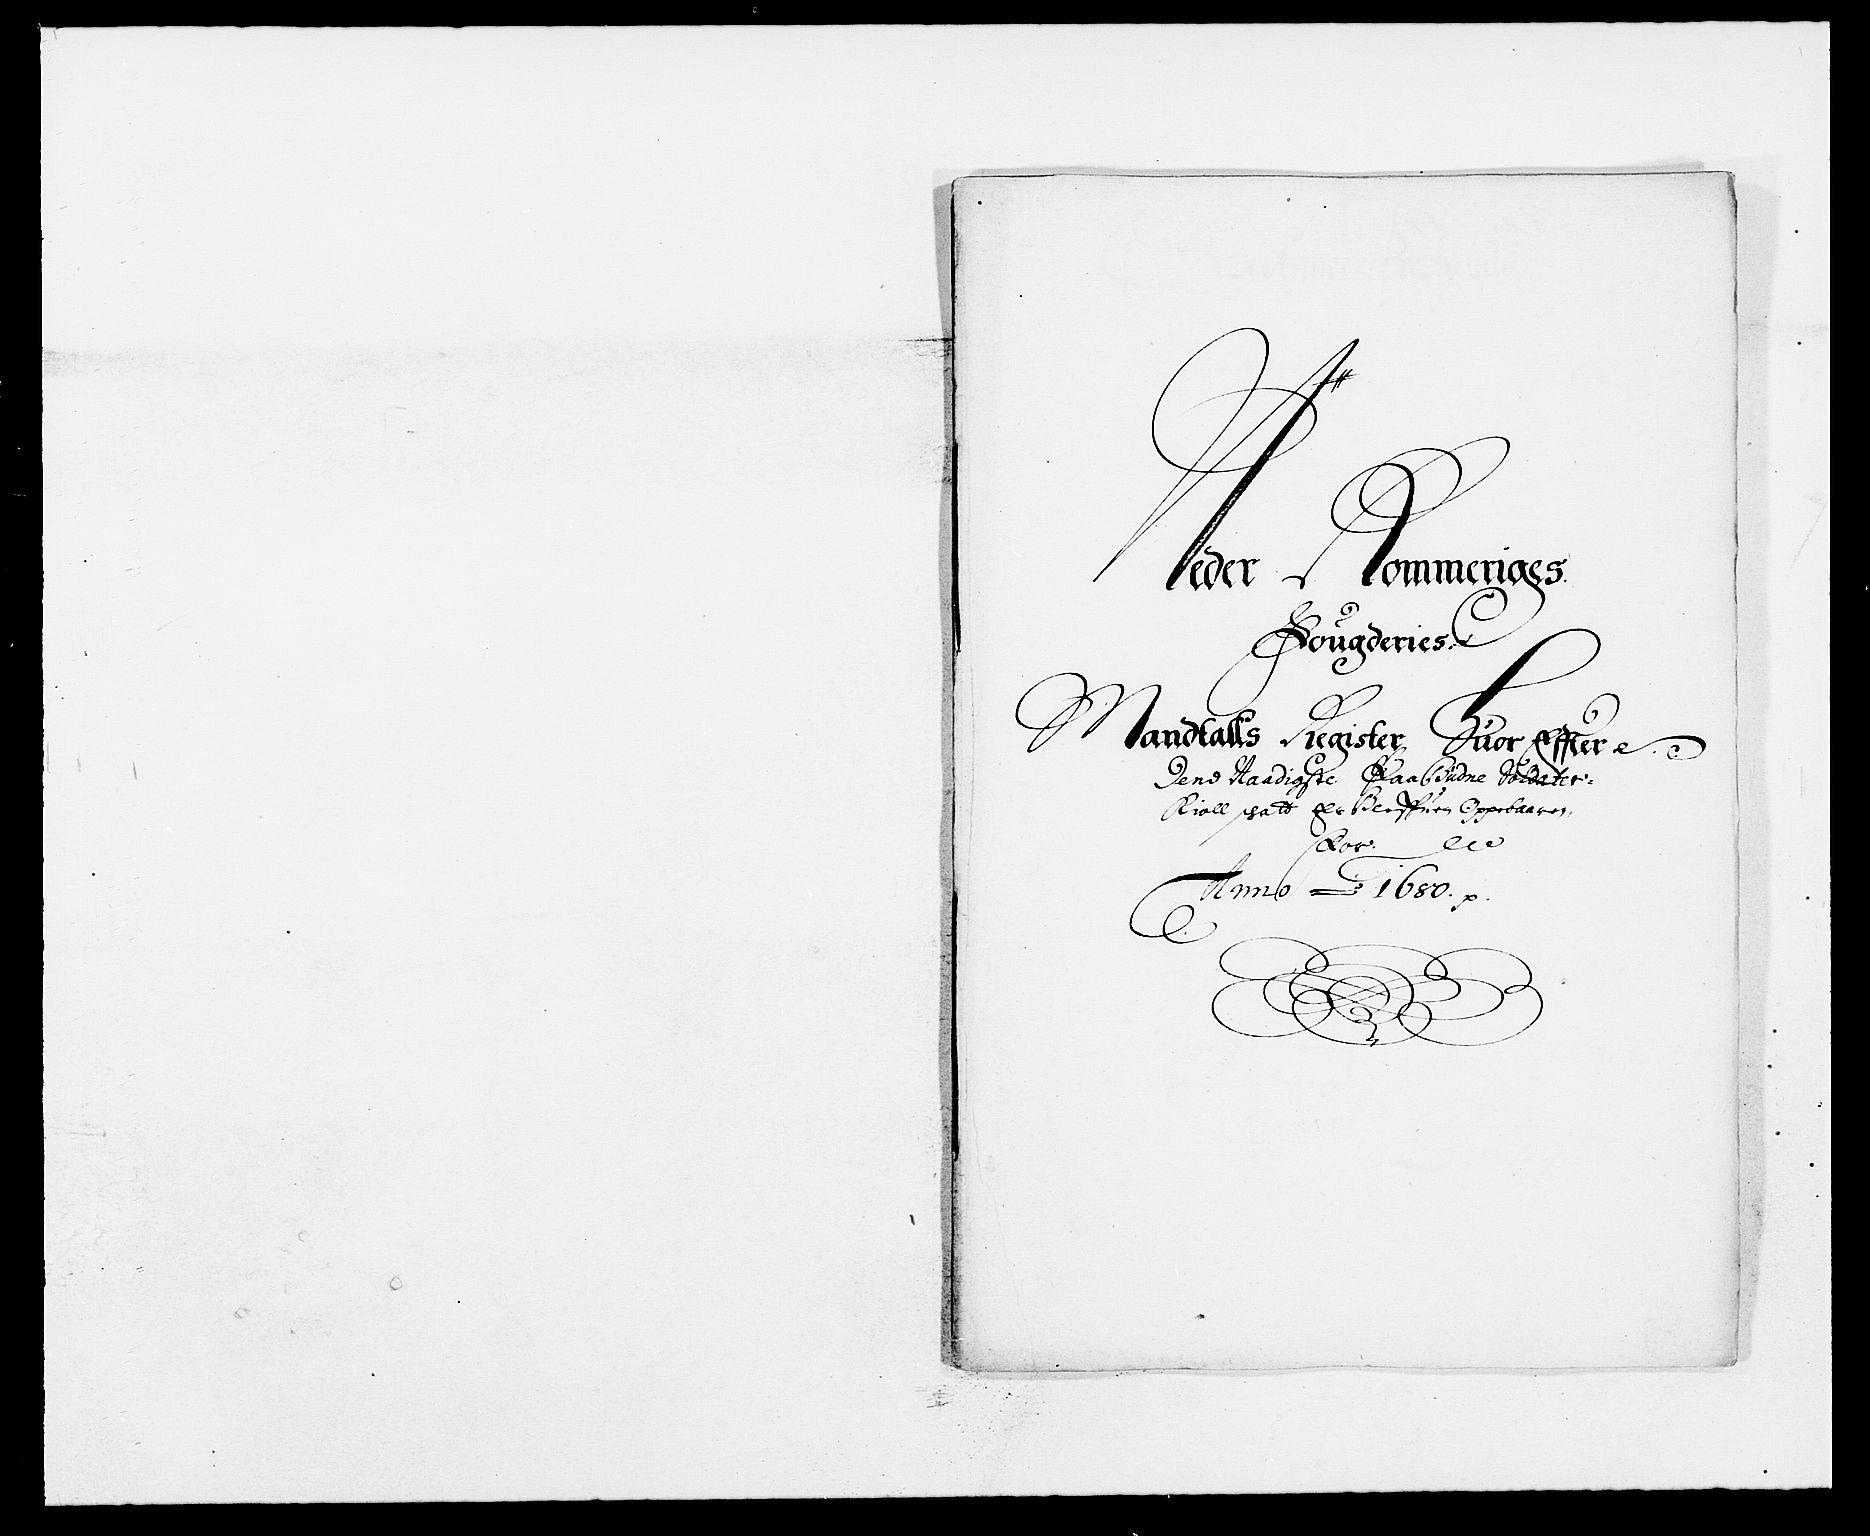 RA, Rentekammeret inntil 1814, Reviderte regnskaper, Fogderegnskap, R11/L0569: Fogderegnskap Nedre Romerike, 1680-1681, s. 185